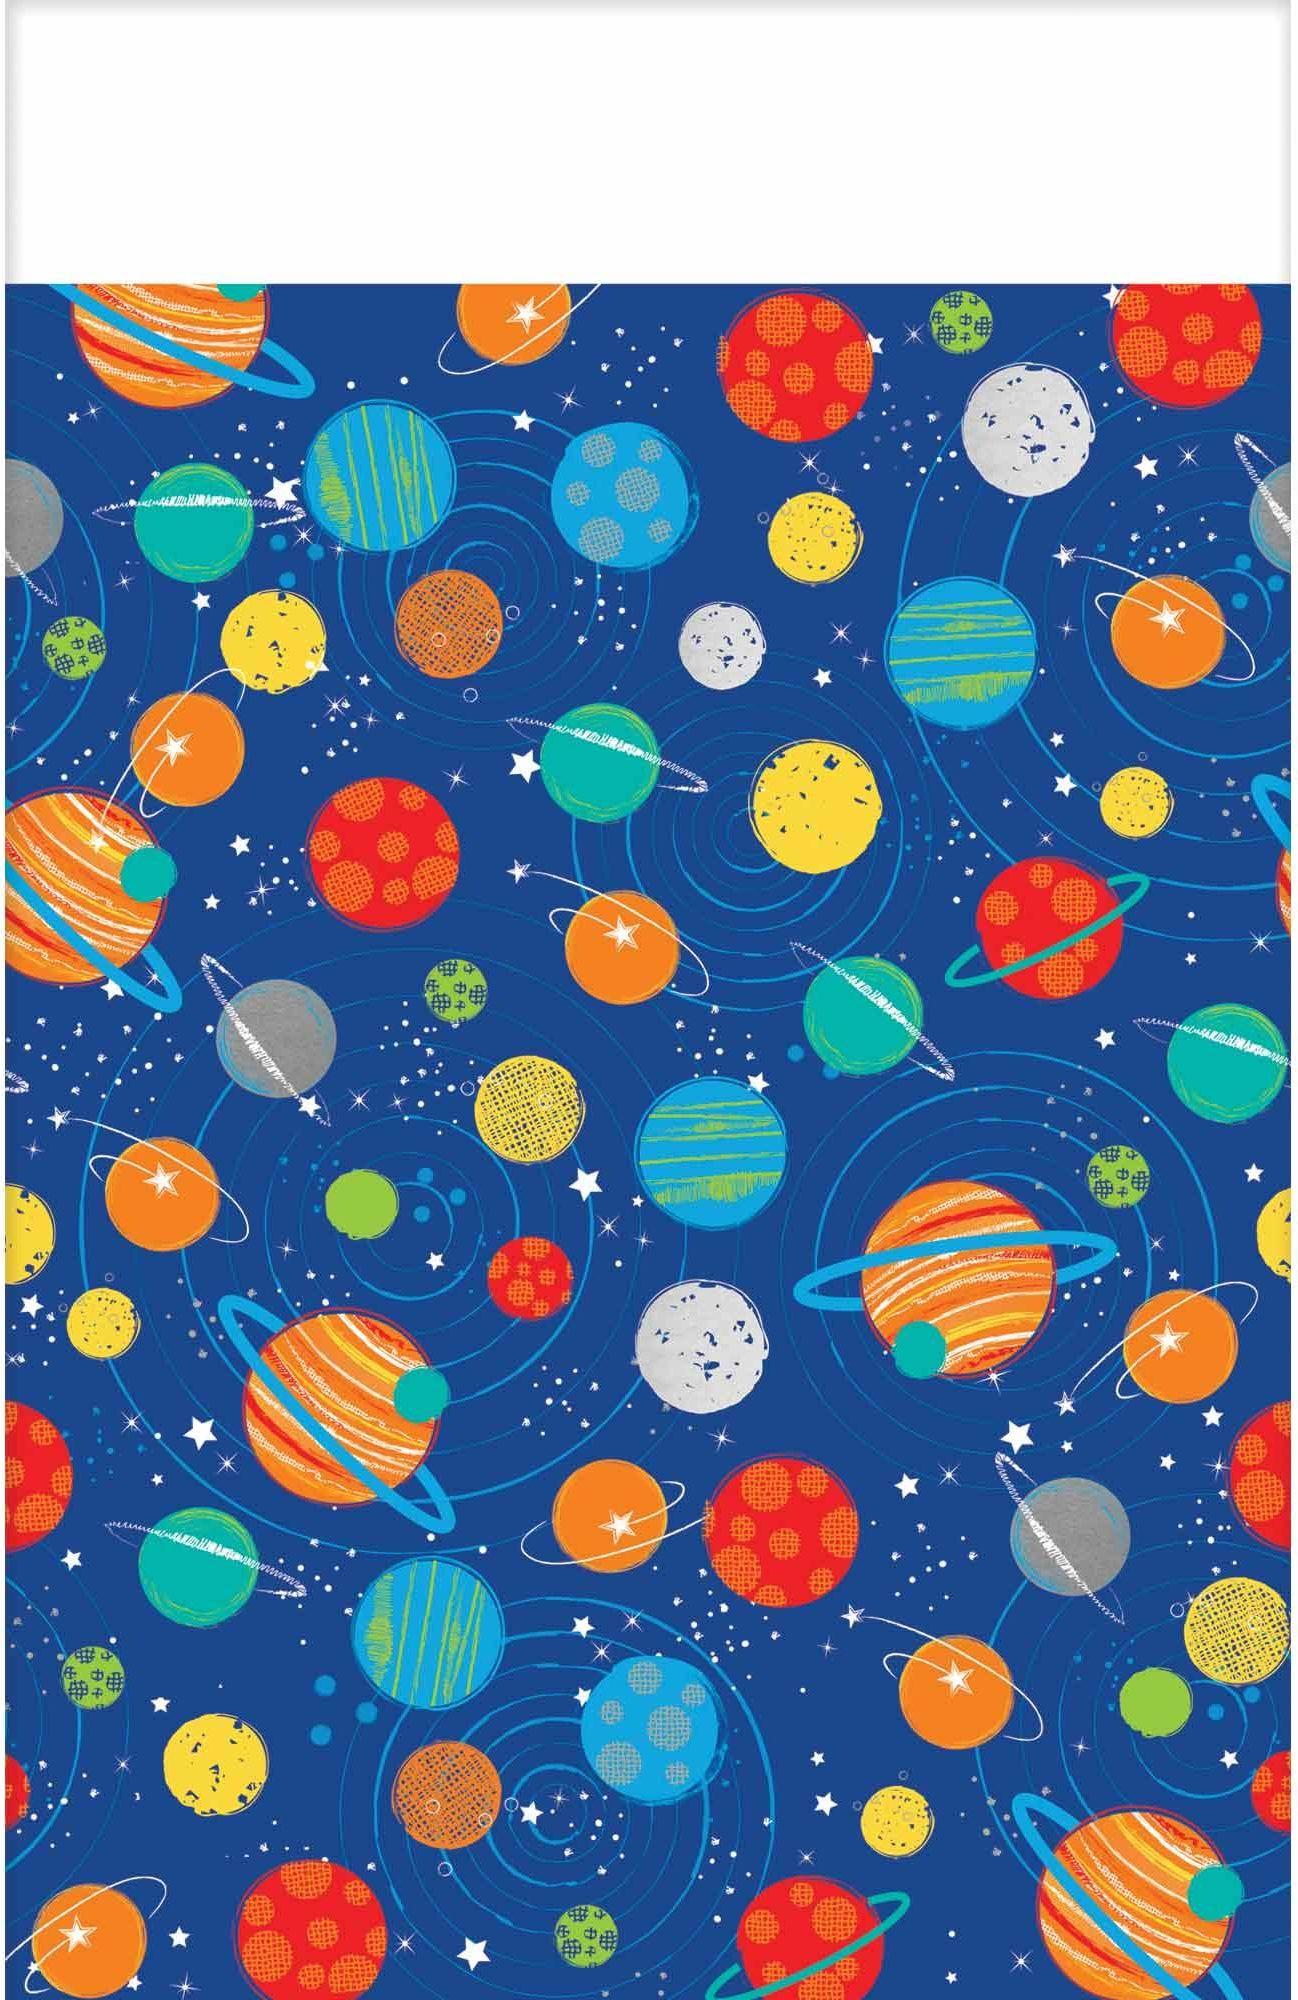 amscan 11011894 Blast 572278 plastikowy obrus o tematyce kosmicznej 1,37 m x 2,6 m, 1 szt